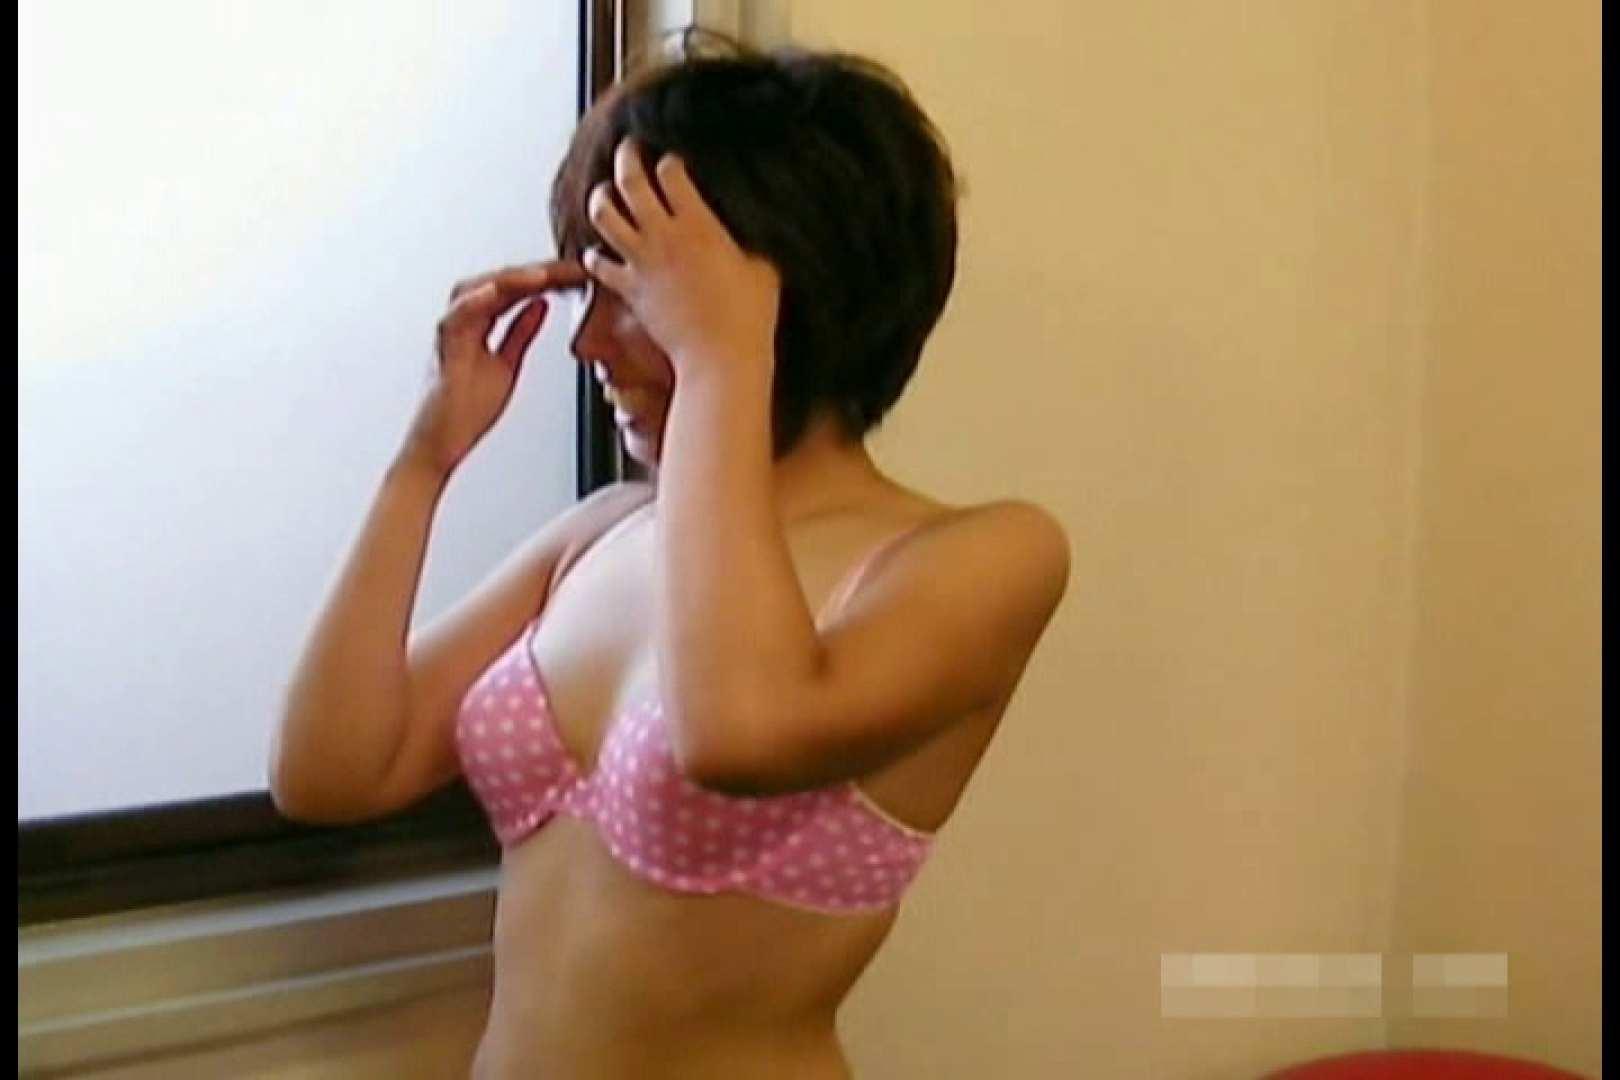 素人撮影 下着だけの撮影のはずが・・・エミちゃん18歳 盗撮   ギャル達のオマンコ  55画像 50